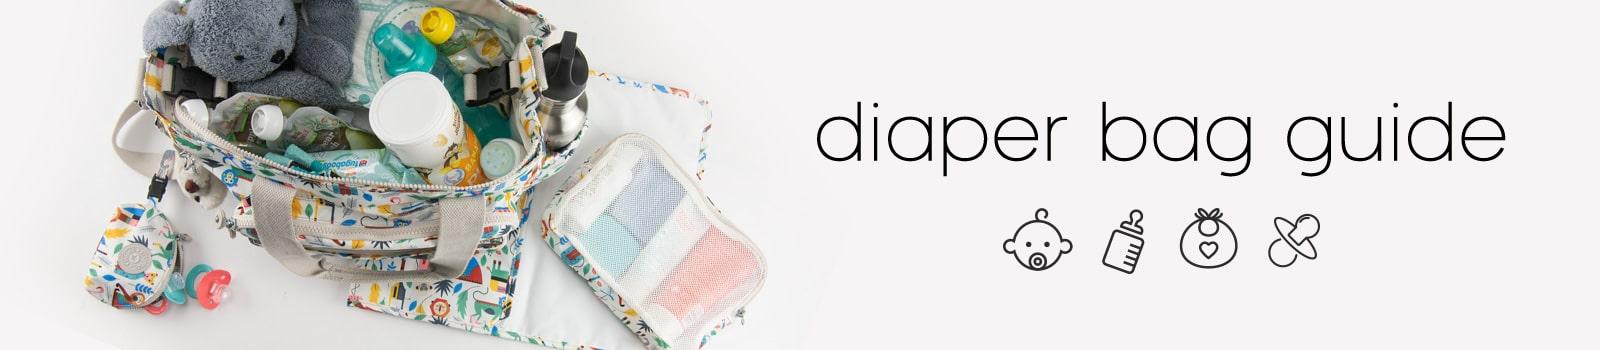 Diaper bag hero banner